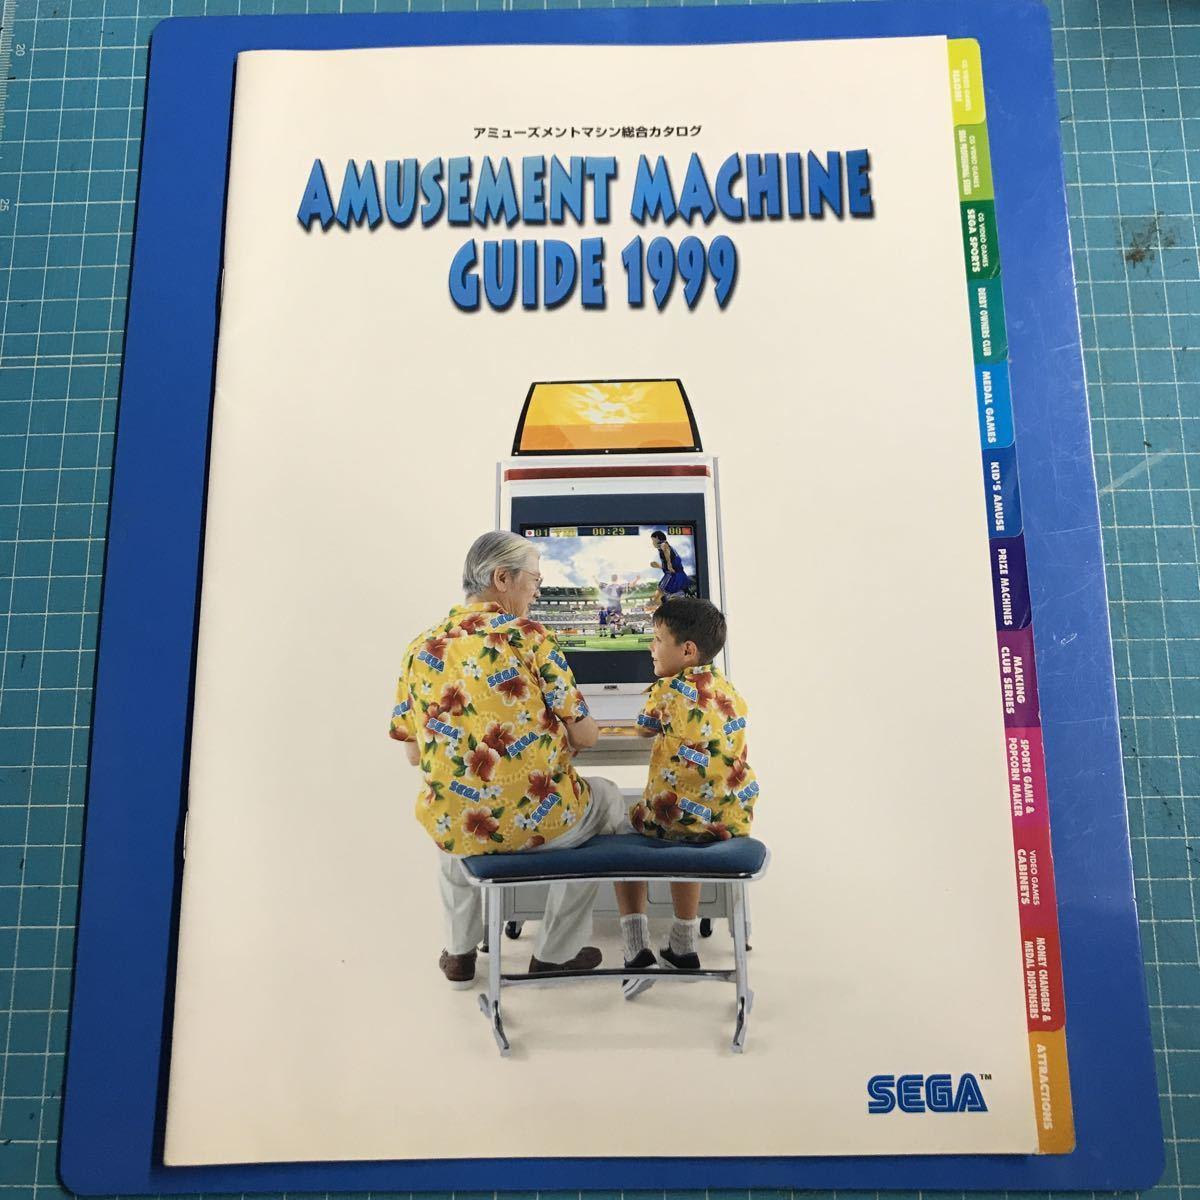 No.756 アーケードゲーム SEGA 1999年 アミューズメントマシン総合カタログ 全26ページ 業務用 非売品 カタログ セガ_画像1